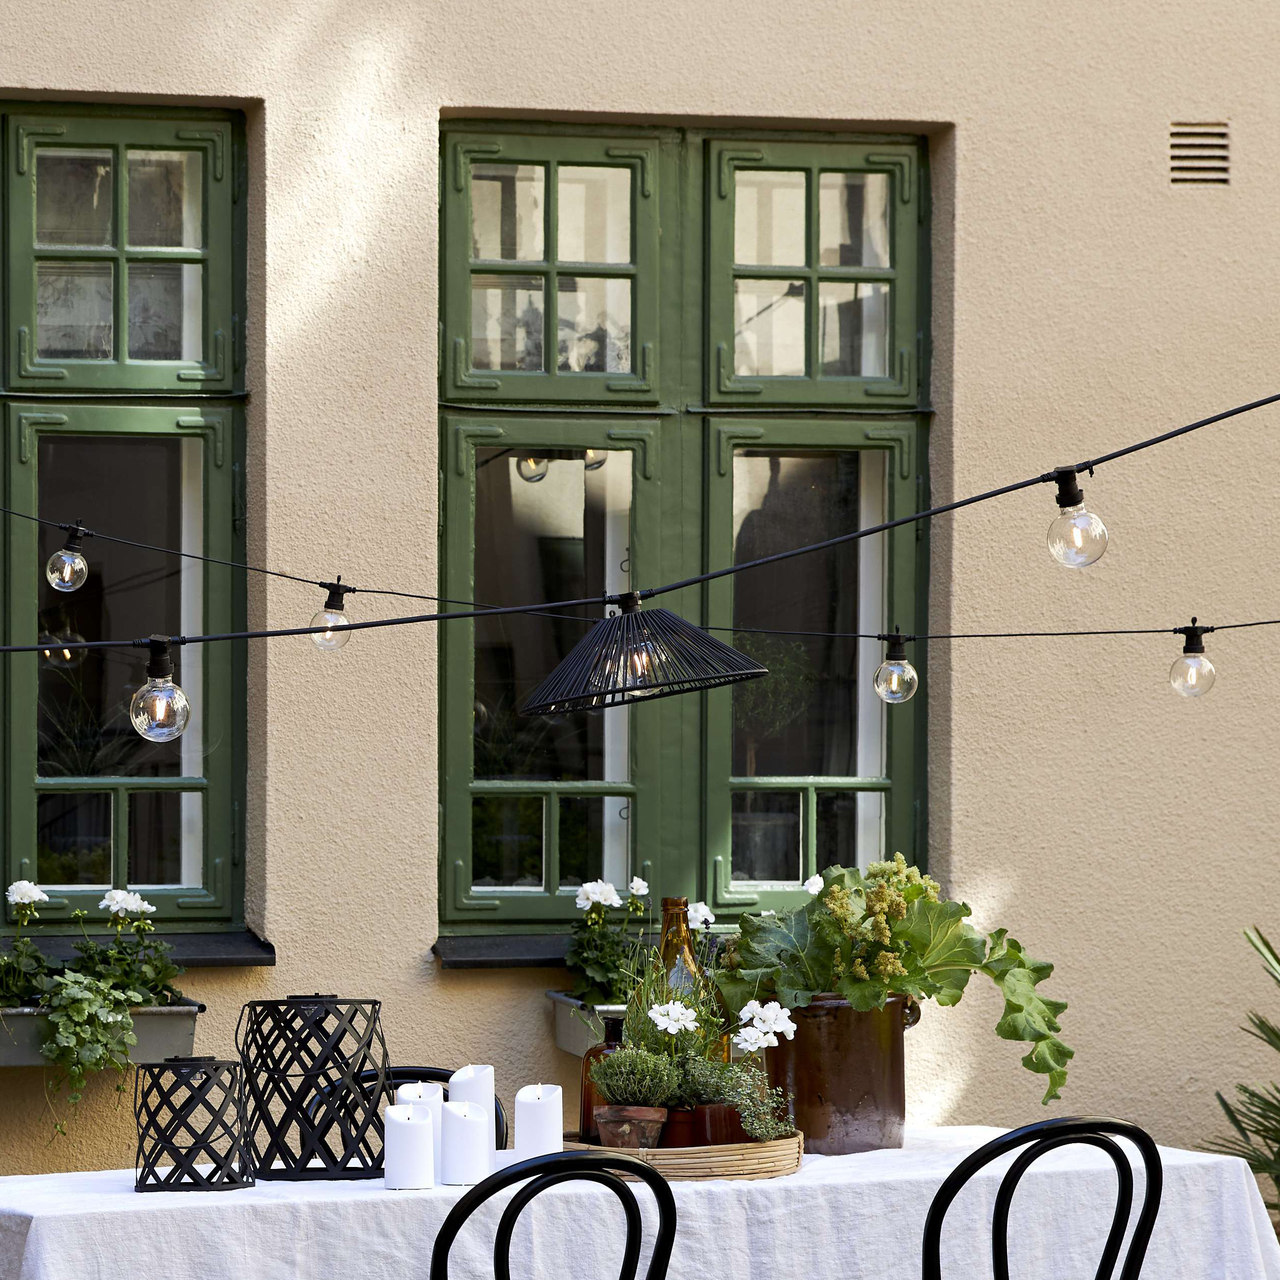 lampa ogrodowa - czarny klosz